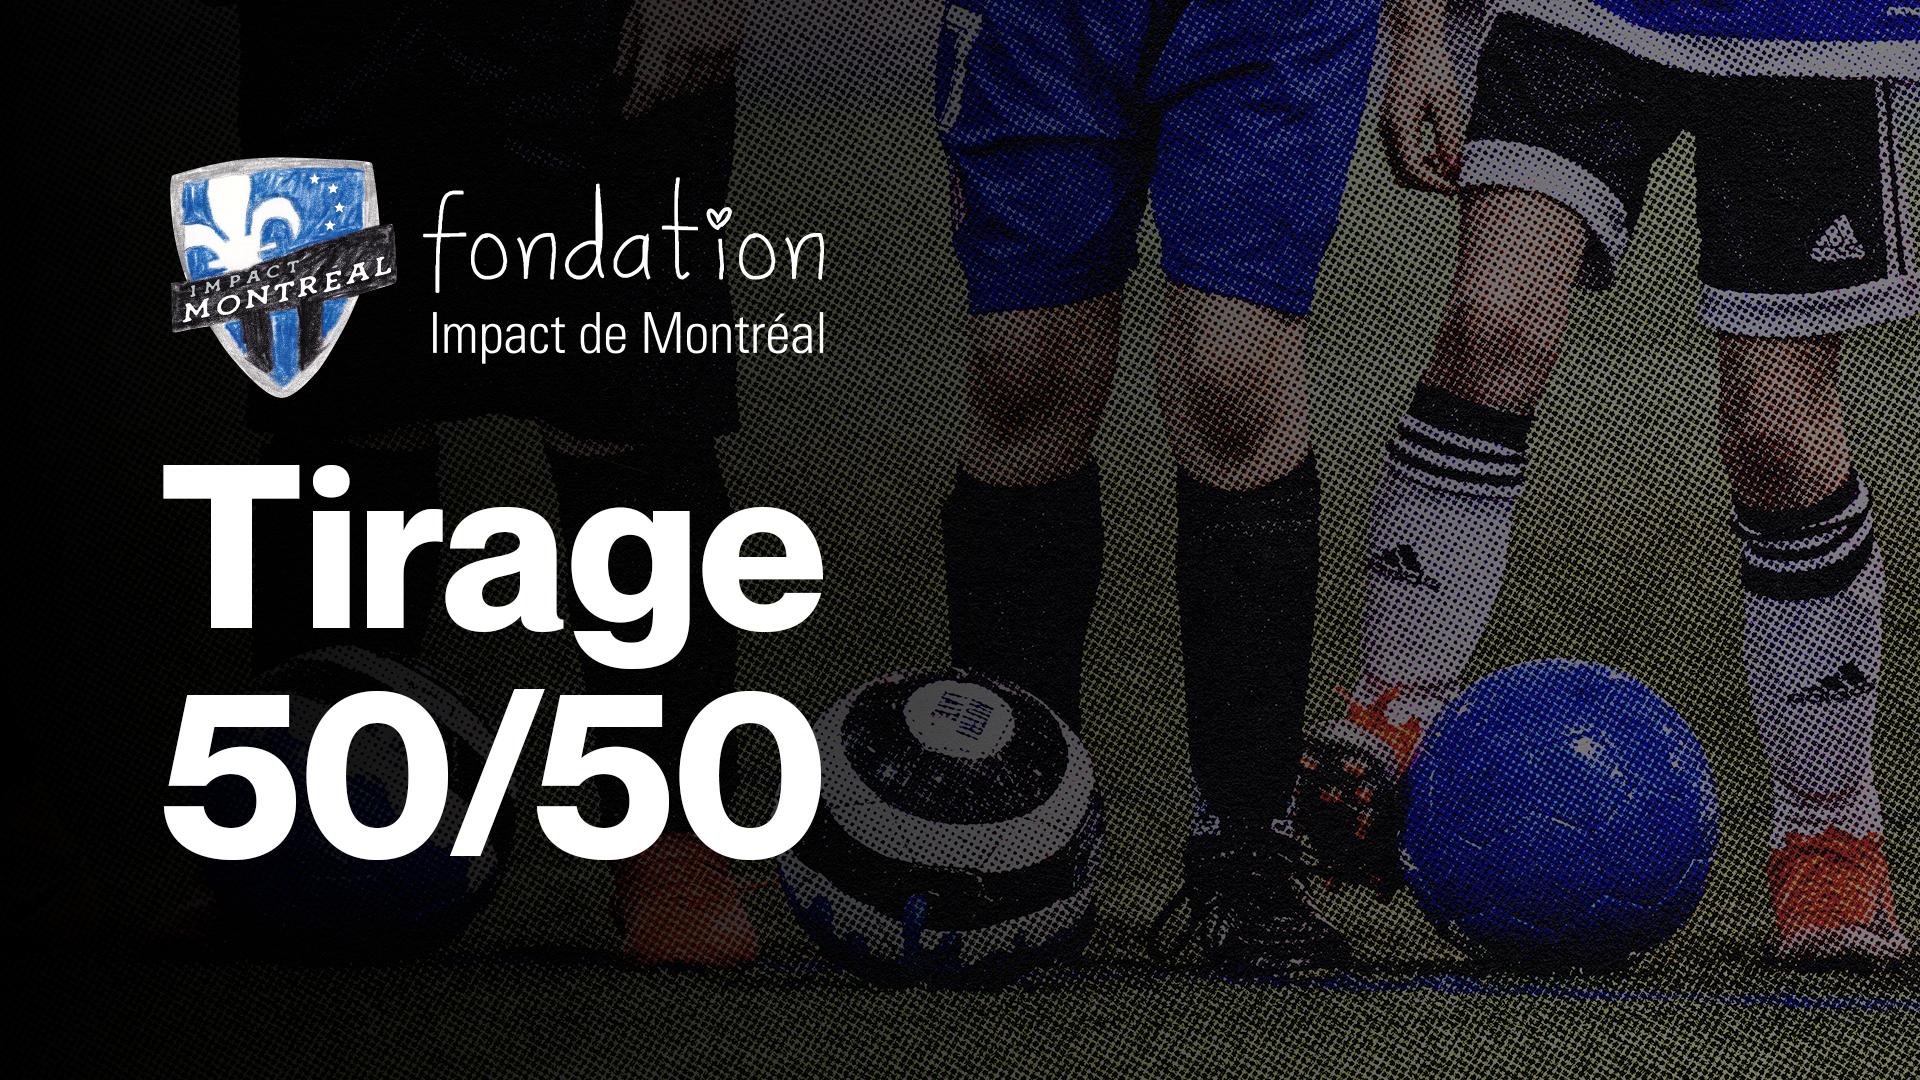 La Fondation est de retour avec son tirage moitié-moitié lors des matchs à domicile du CF Montréal